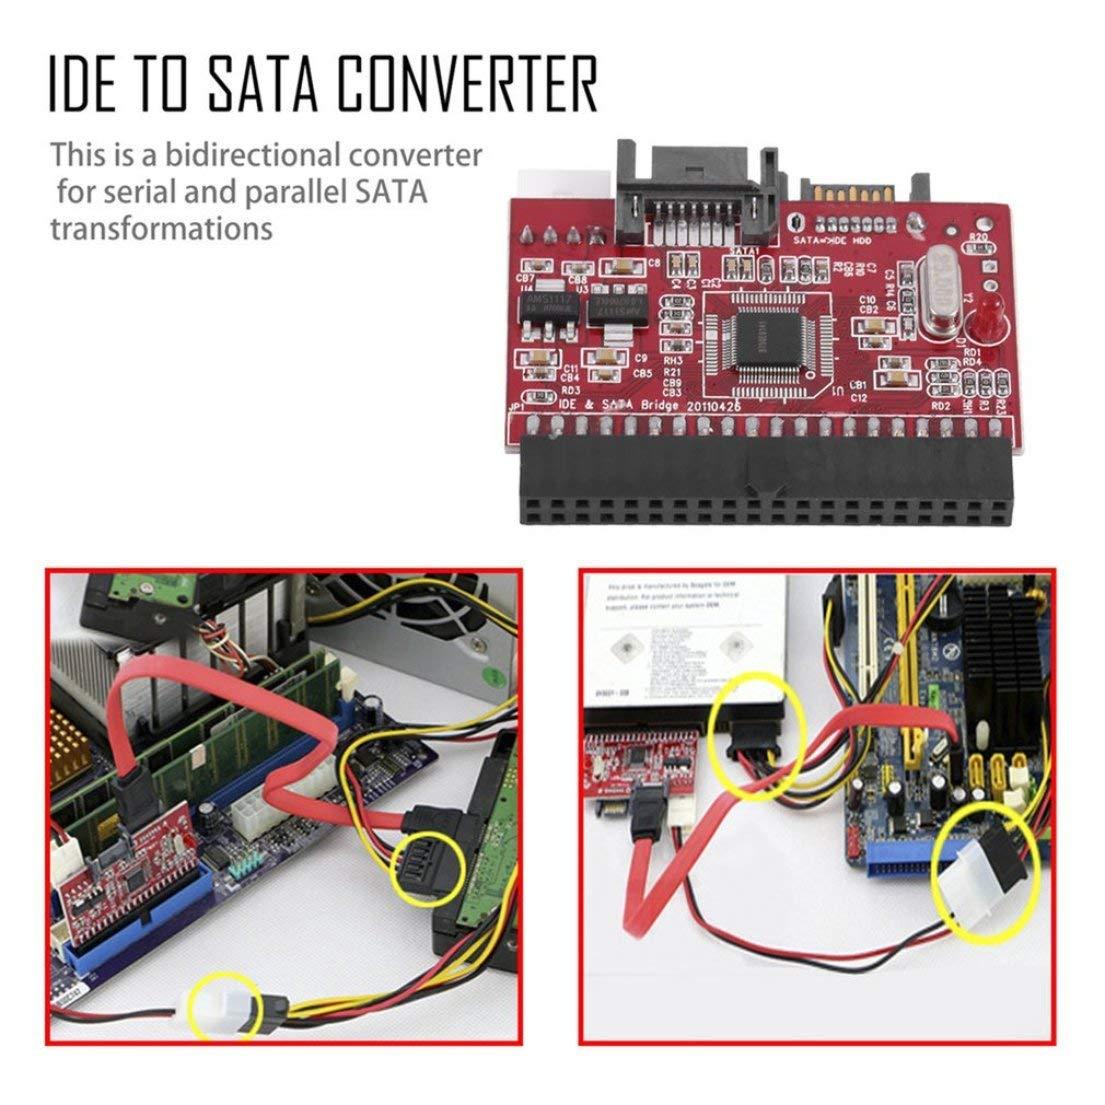 DFHJSXDFRGHXFGH-ES Rojo Ligero Durable IDE HDD a SATA Serial ATA Convertidor Adaptador de Disco Duro Compatibilidad con el Controlador para ATA 133 100 HDD CD AdapterRed